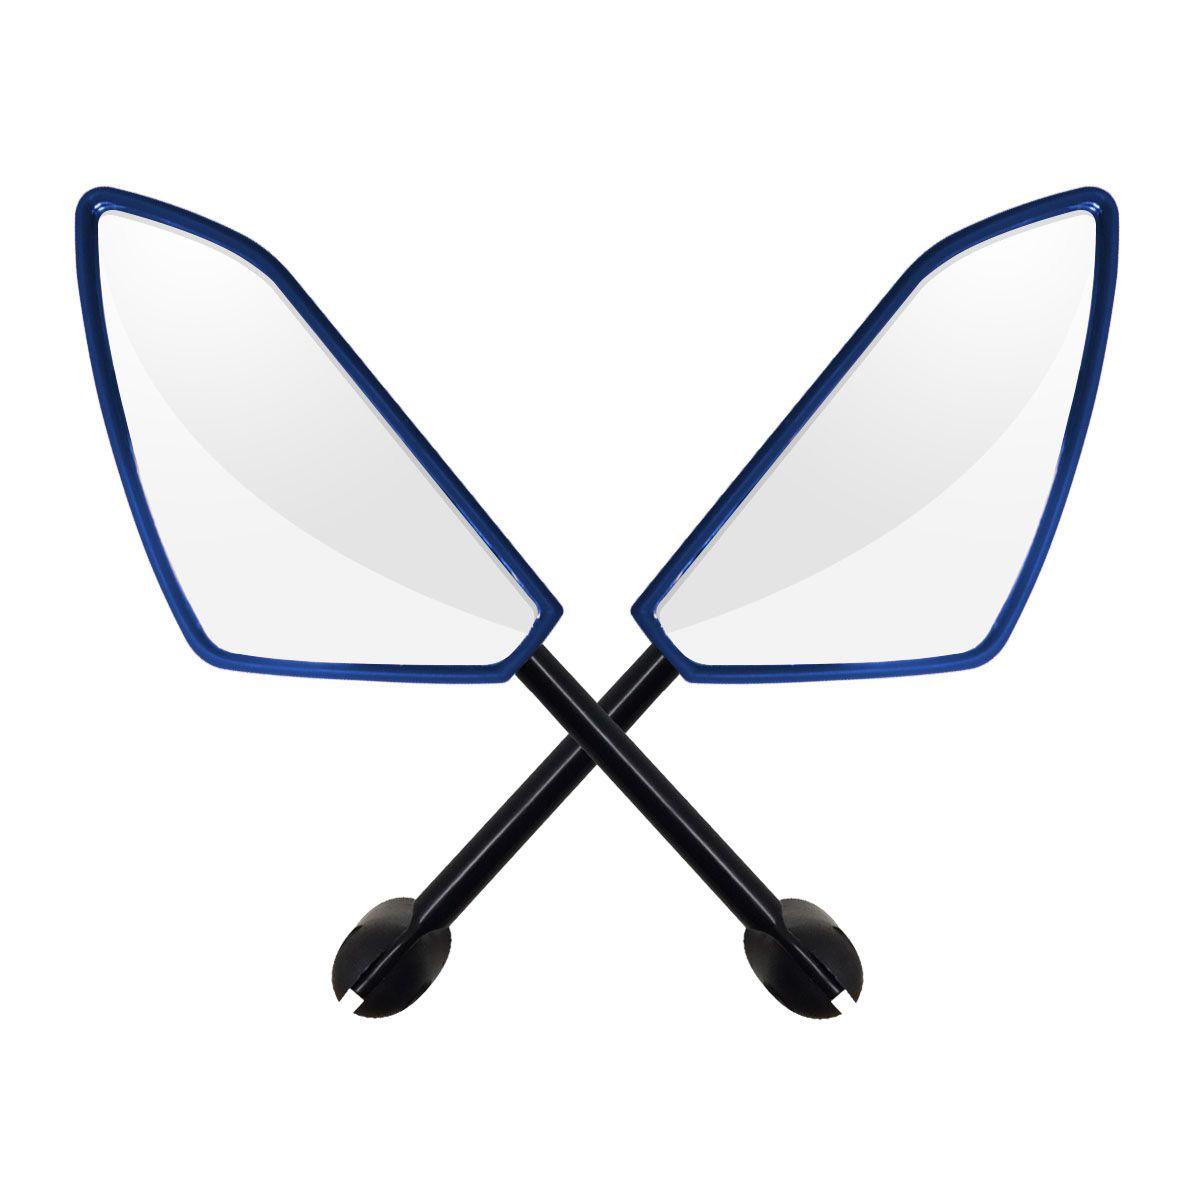 Espelho Retrovisor Honda - Direito e Esquerdo c/ Articulador - Azul - Rizoma Spider - Maximo